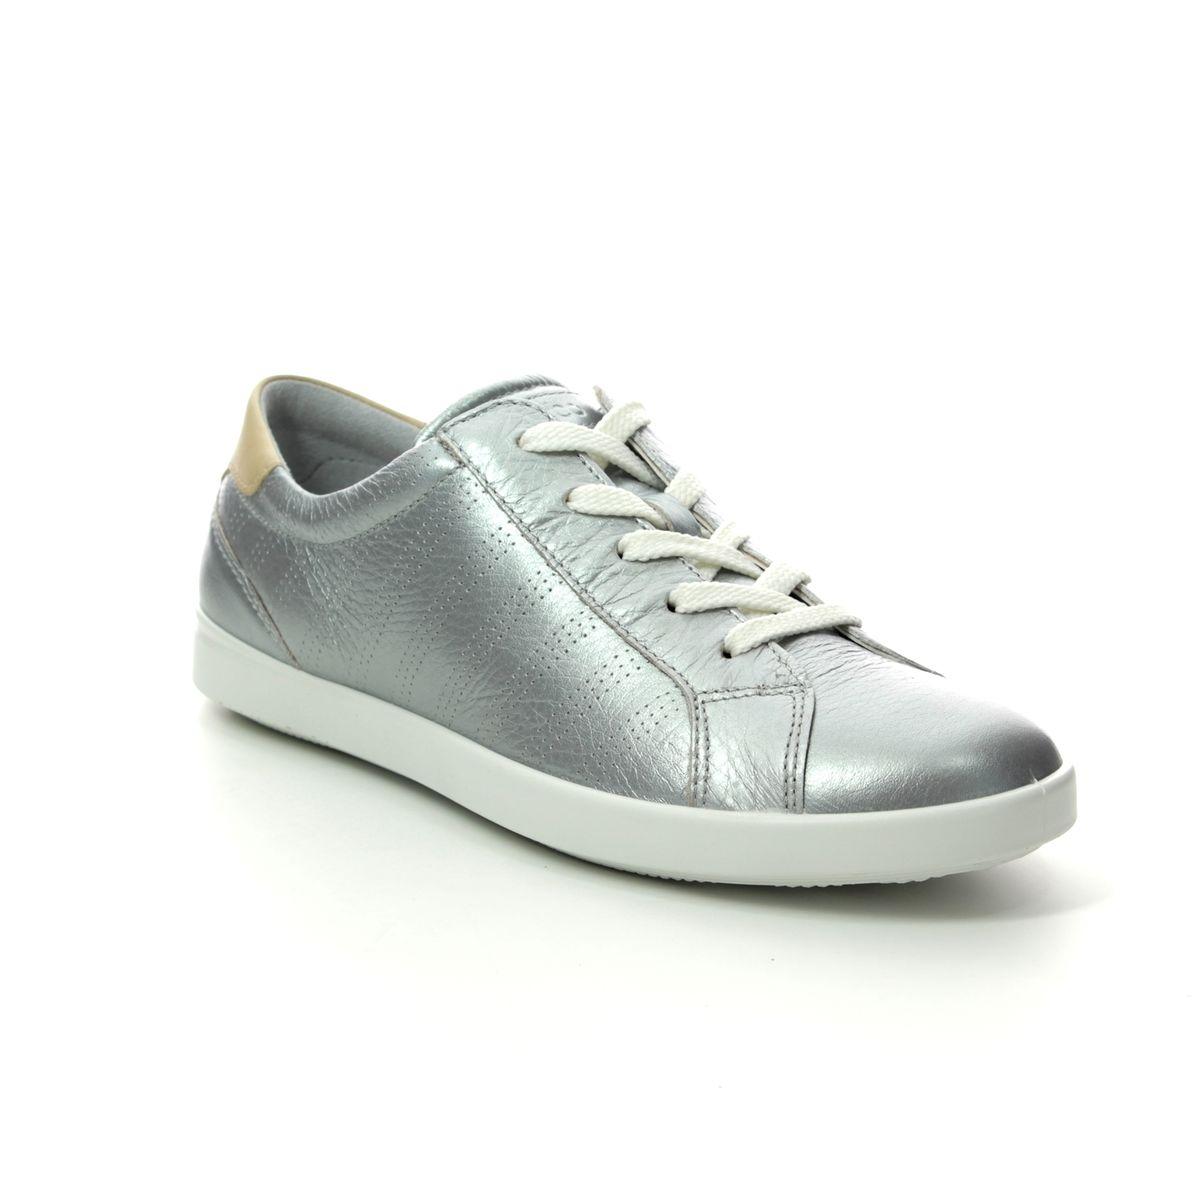 ECCO Leisure 205033-51322 Silver trainers